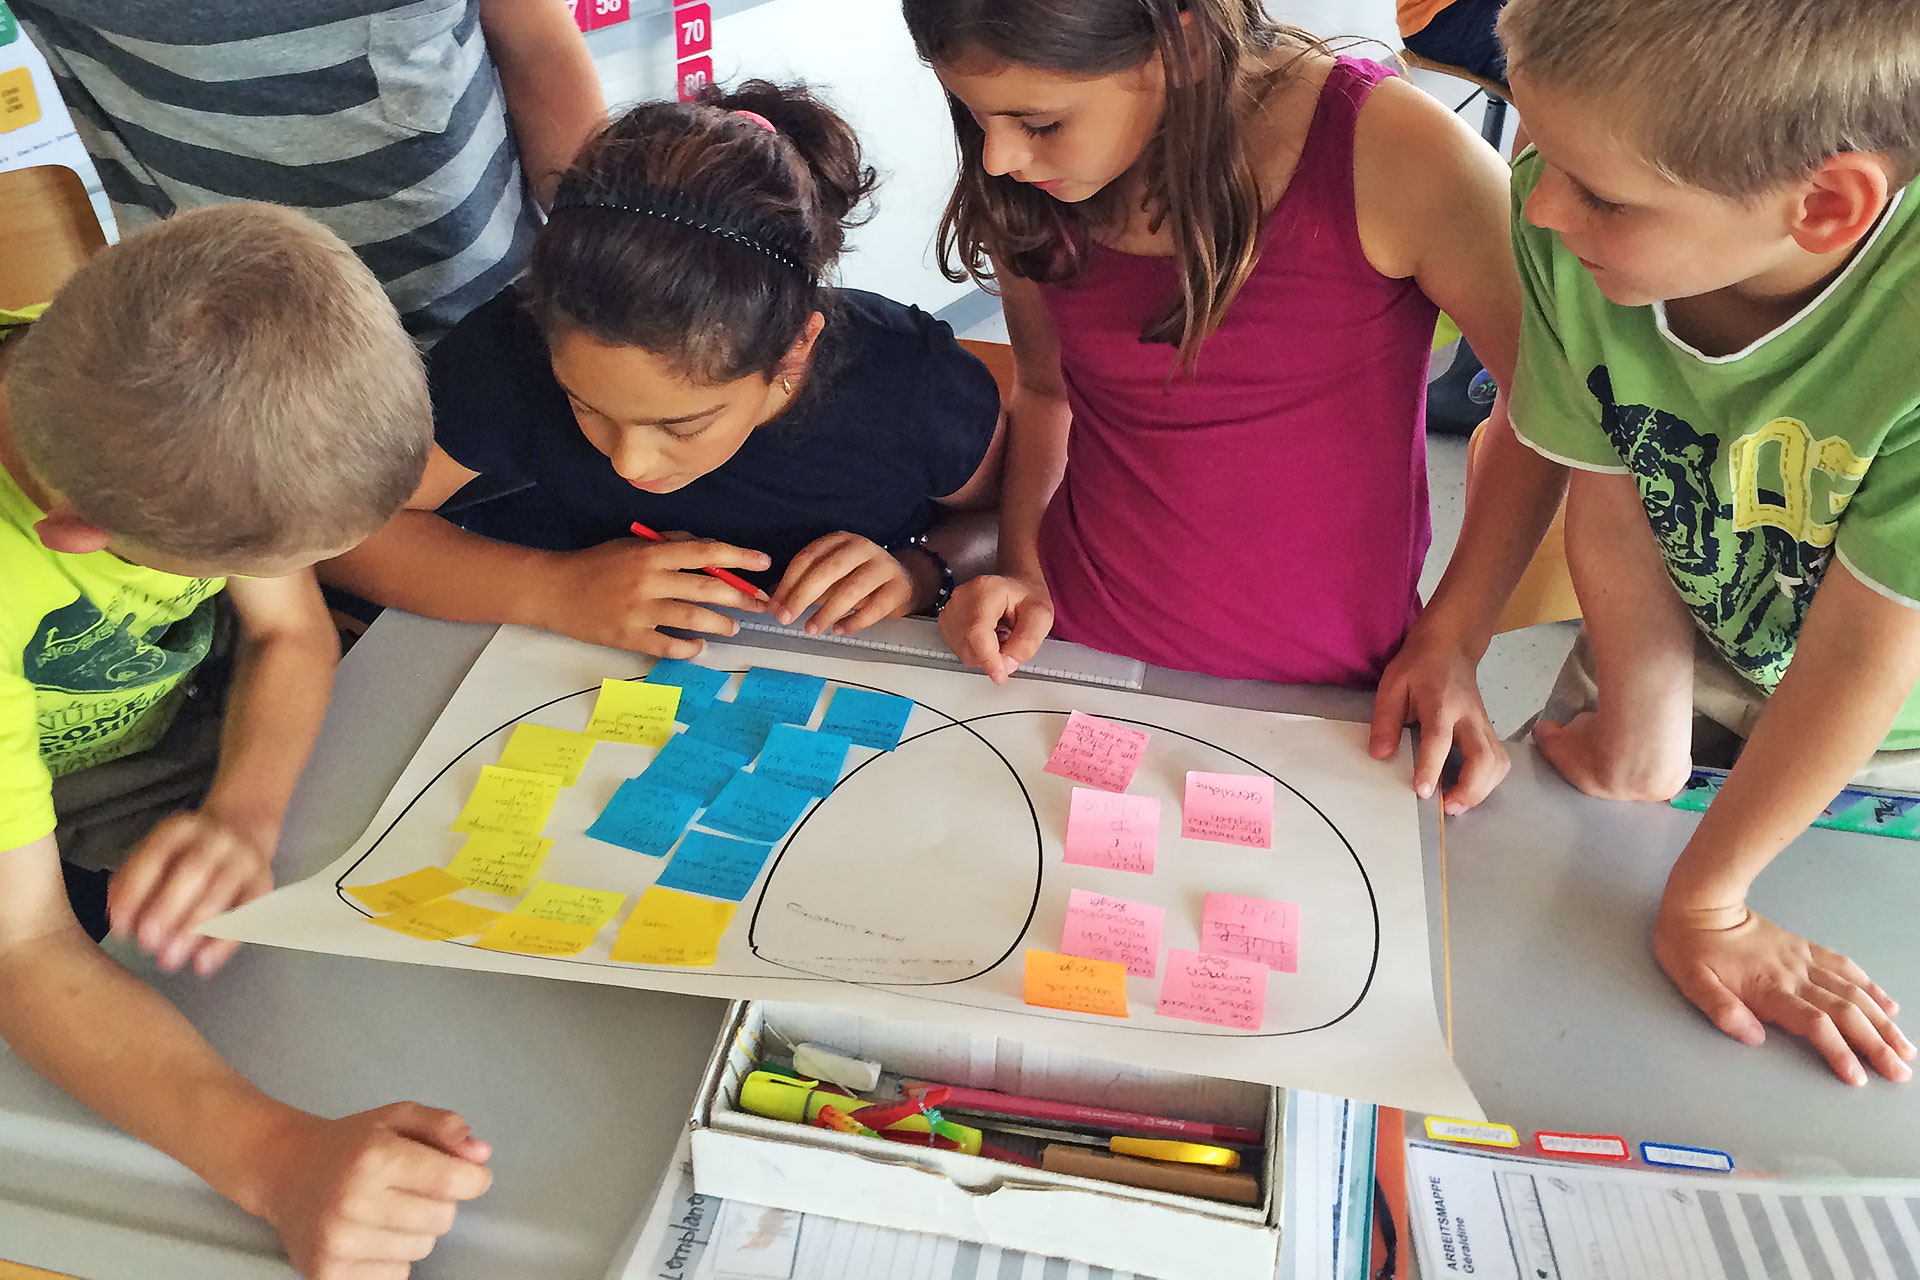 vier Lernende erstellen ein Venn-Diagramm auf einem Plakat